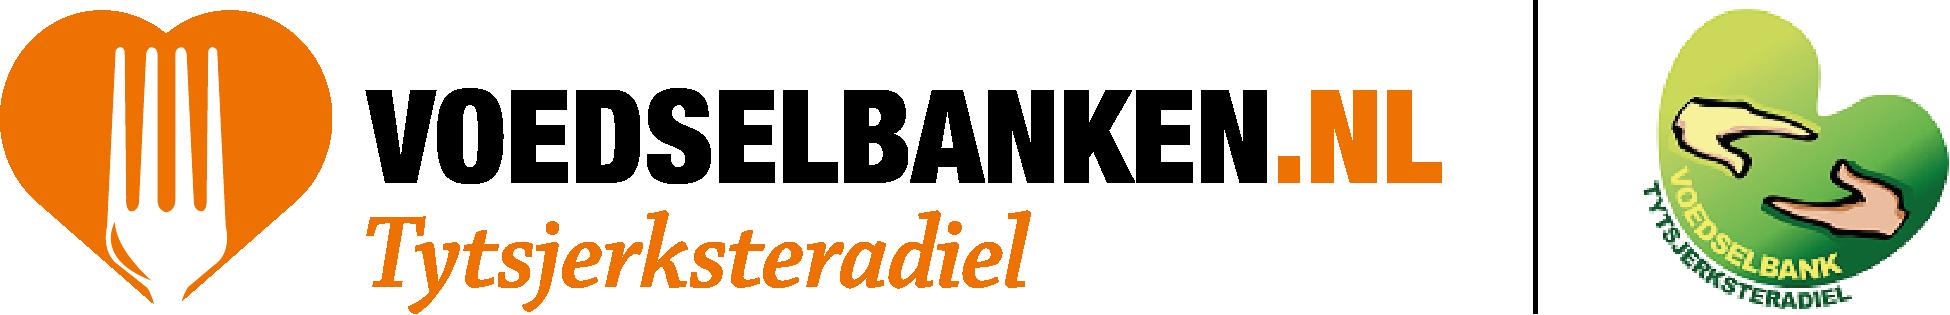 Voedselbank Tytsjerksteradiel logo